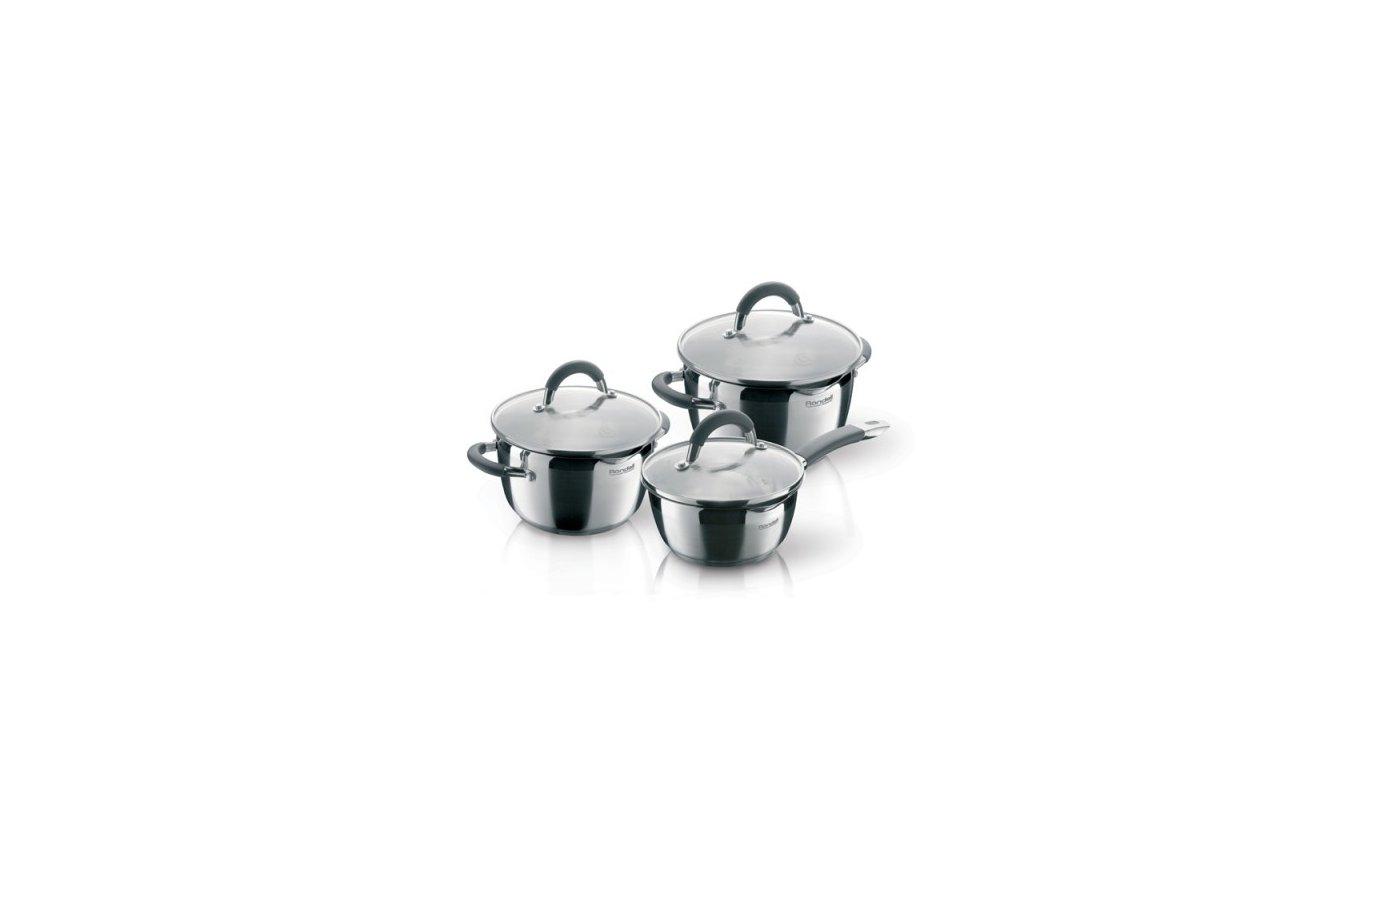 Набор посуды Rondell RDS-341 Flamme